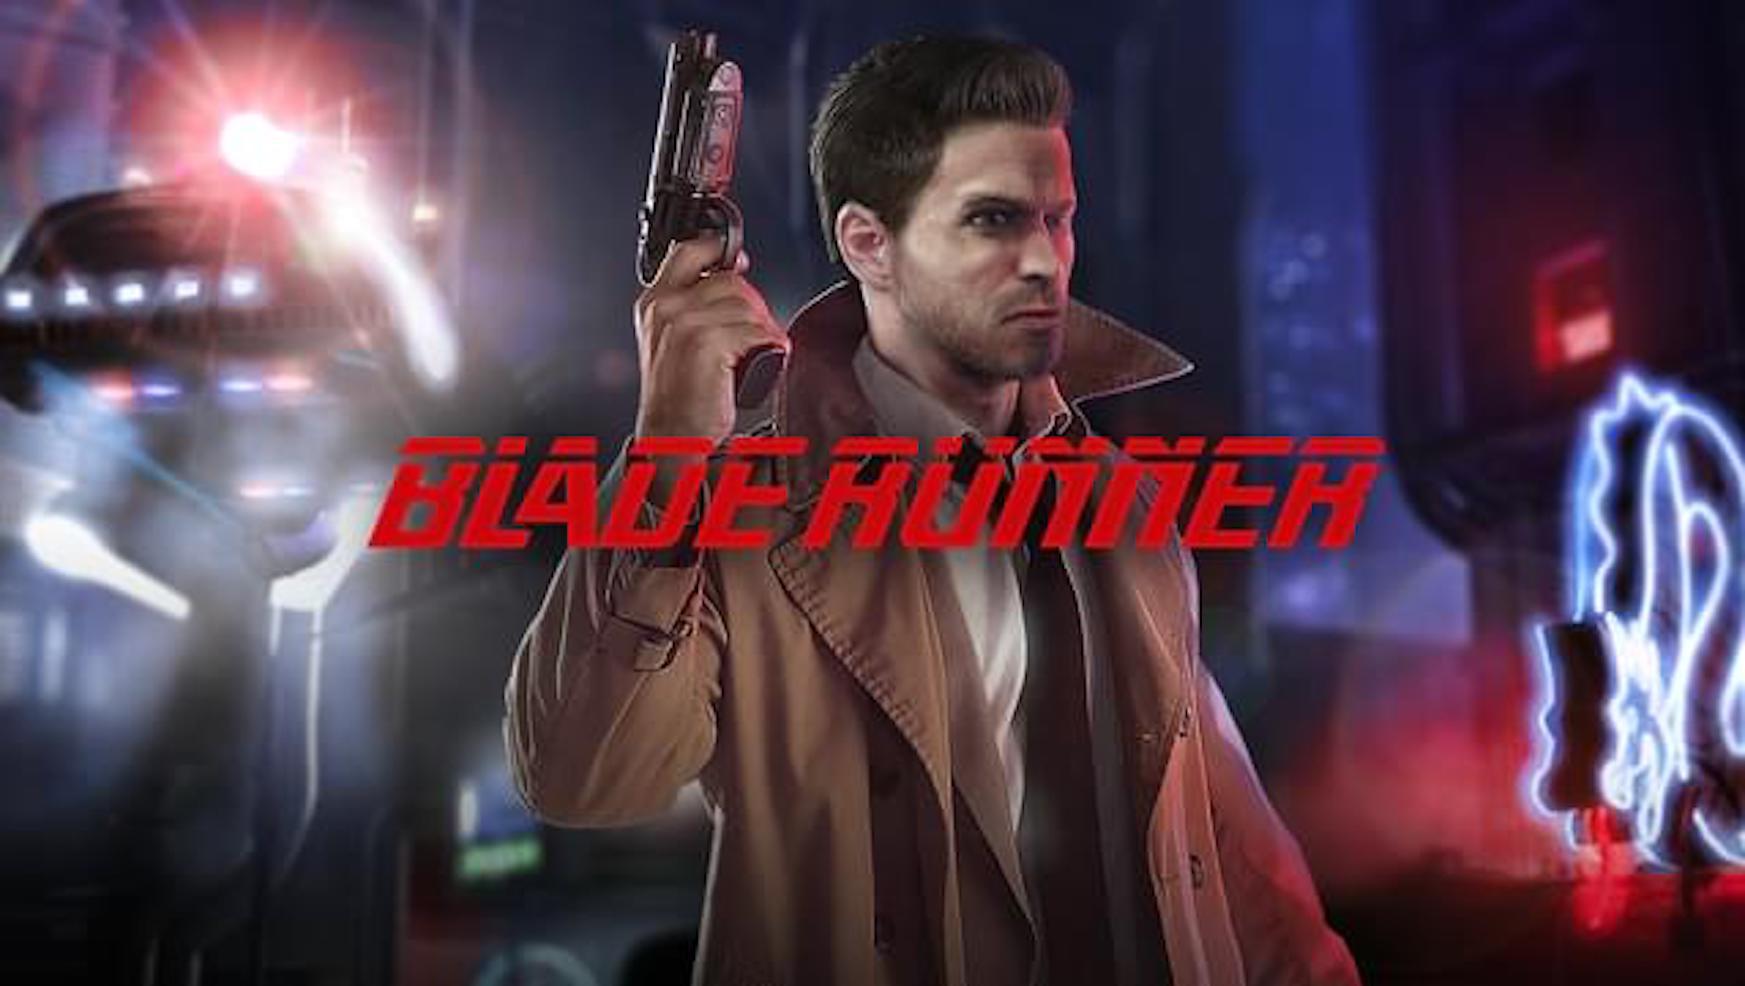 Blade Runner itzuli da - 1997ko jokoak bertsio berrituan sartuko du kontsolan